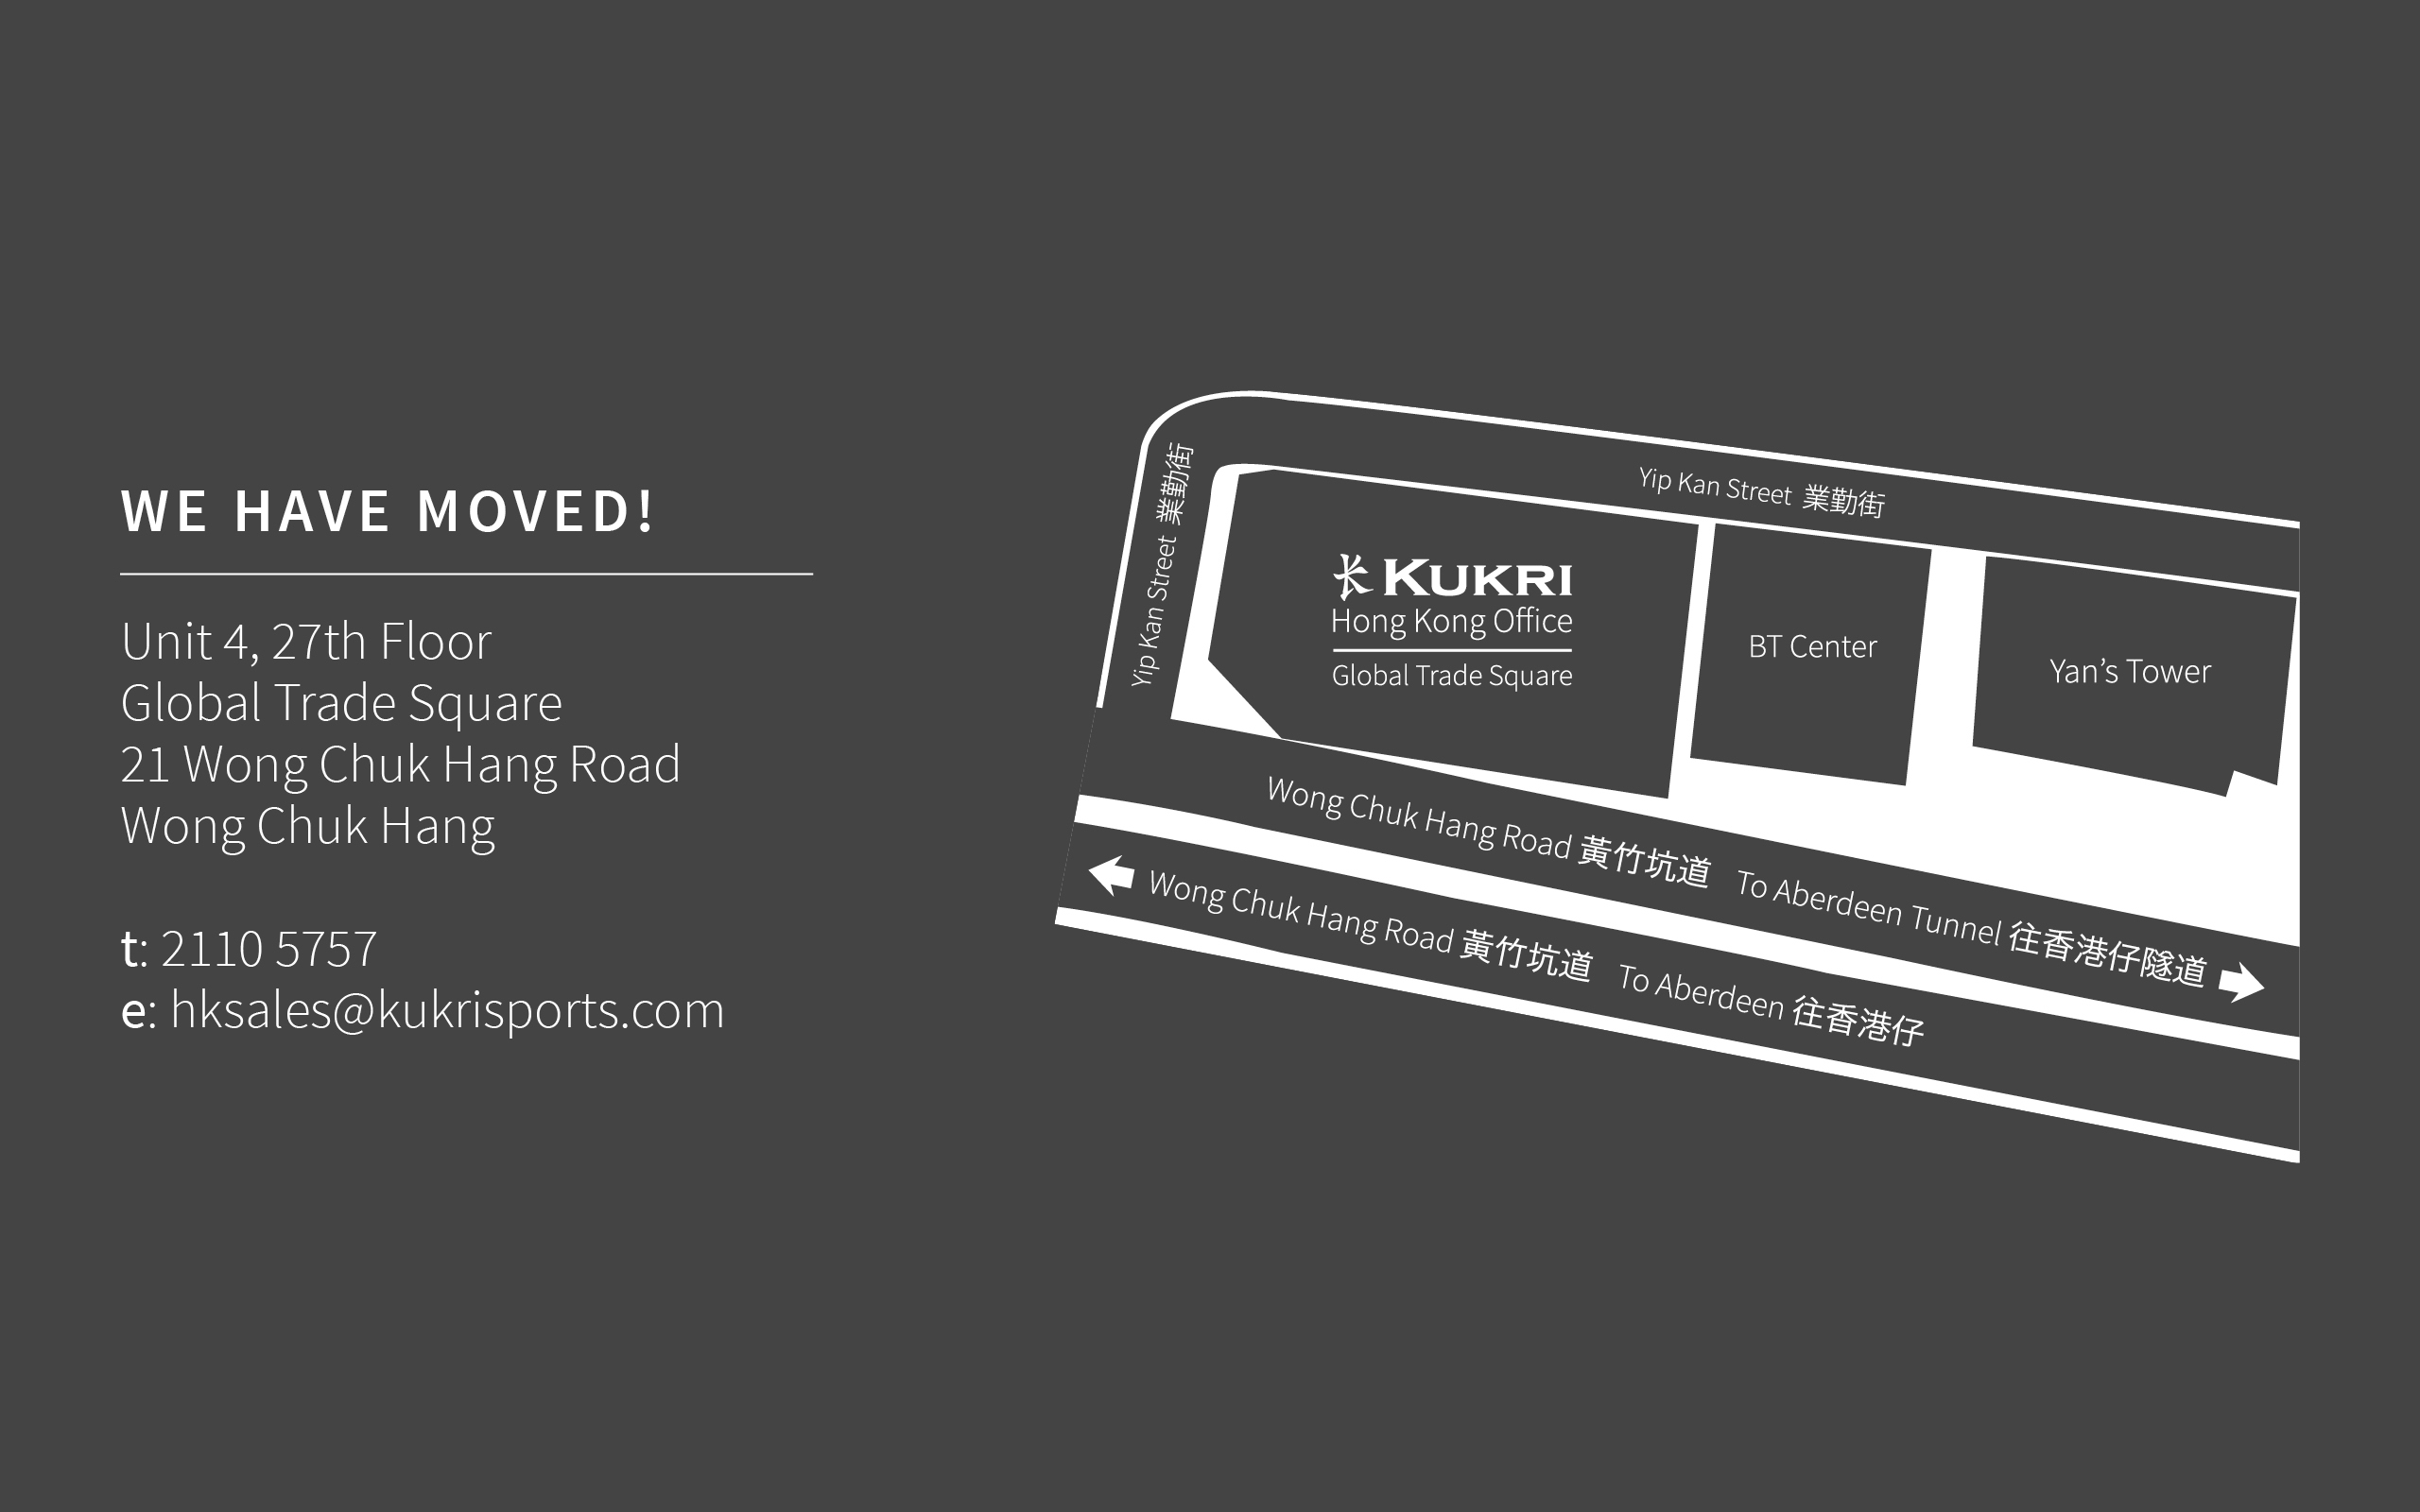 KukriHK_NewOffice_Banner_2560x1600